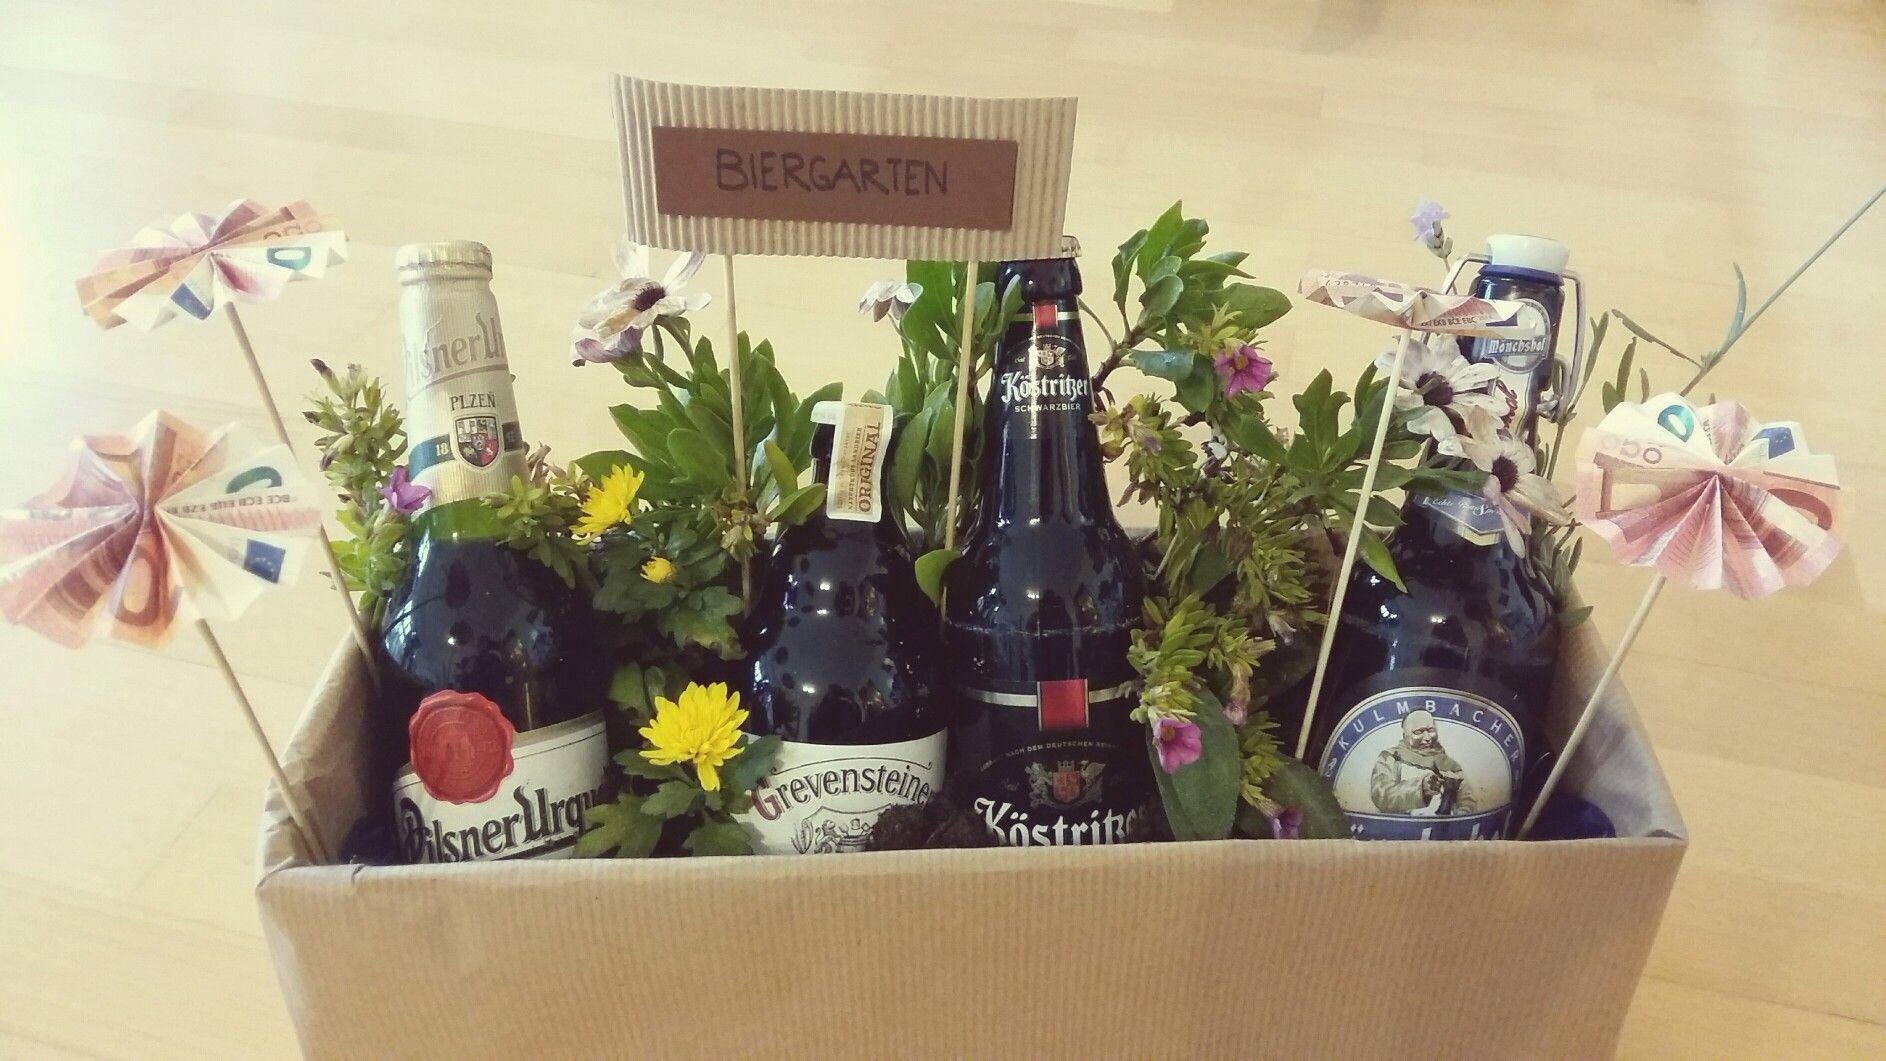 Geschenke Für Männer Zum Geburtstag Selber Machen  Geschenkidee Geldgeschenk für Männer Biergarten